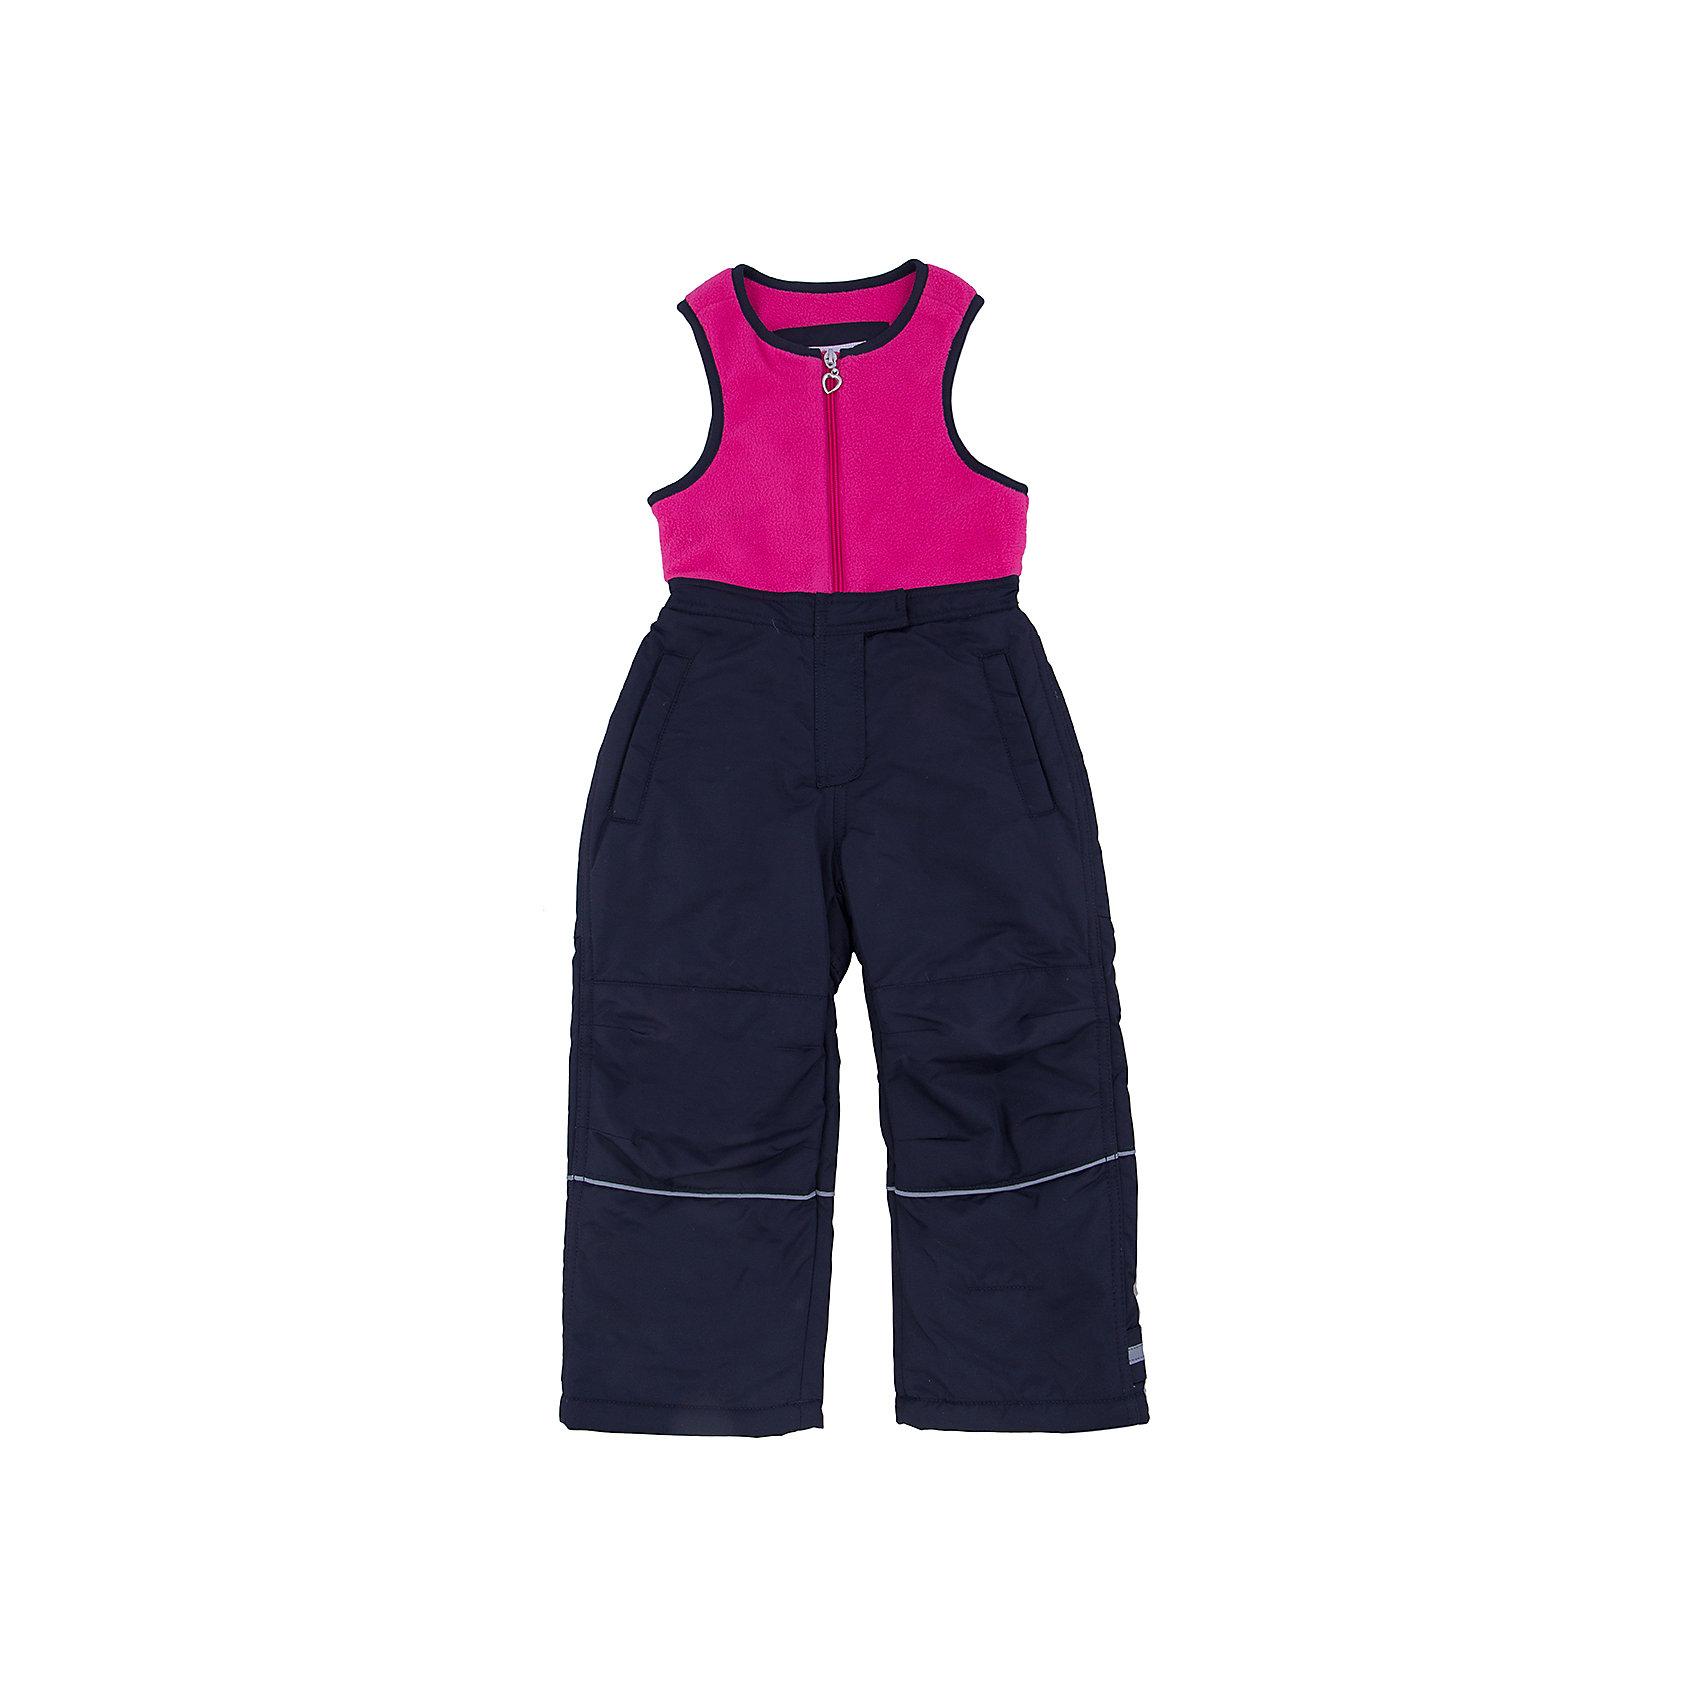 Комбинезон для девочки SELAВерхняя одежда<br>Утепленный комбинезон - незаменимая вещь для детей в прохладное время года. Эта модель отлично сидит на ребенке, она сшита из плотного материала, позволяет заниматься спортом на свежем воздухе зимой. Мягкая подкладка не вызывает аллергии и обеспечивает ребенку комфорт. Модель станет отличной базовой вещью, которая будет уместна в различных сочетаниях.<br>Одежда от бренда Sela (Села) - это качество по приемлемым ценам. Многие российские родители уже оценили преимущества продукции этой компании и всё чаще приобретают одежду и аксессуары Sela.<br><br>Дополнительная информация:<br><br>цвет: синий;<br>материал: верх - 100% ПЭ, утеплитель - 100% ПЭ, подкладка - 100% ПЭ;<br>светоотражающие детали;<br>застежка - молния.<br><br>Комбинезон для девочки от бренда Sela можно купить в нашем интернет-магазине.<br><br>Ширина мм: 356<br>Глубина мм: 10<br>Высота мм: 245<br>Вес г: 519<br>Цвет: синий<br>Возраст от месяцев: 36<br>Возраст до месяцев: 48<br>Пол: Женский<br>Возраст: Детский<br>Размер: 104,110,116,98<br>SKU: 4944019